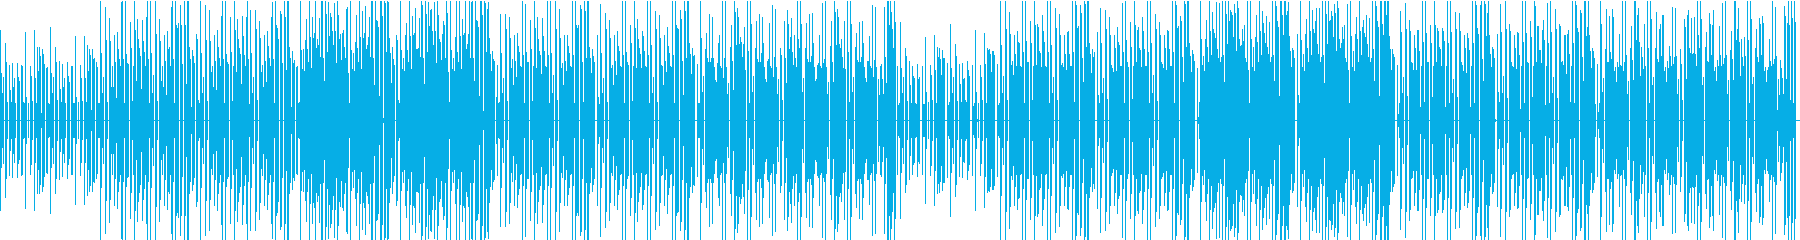 8bitファミコン の再生済みの波形